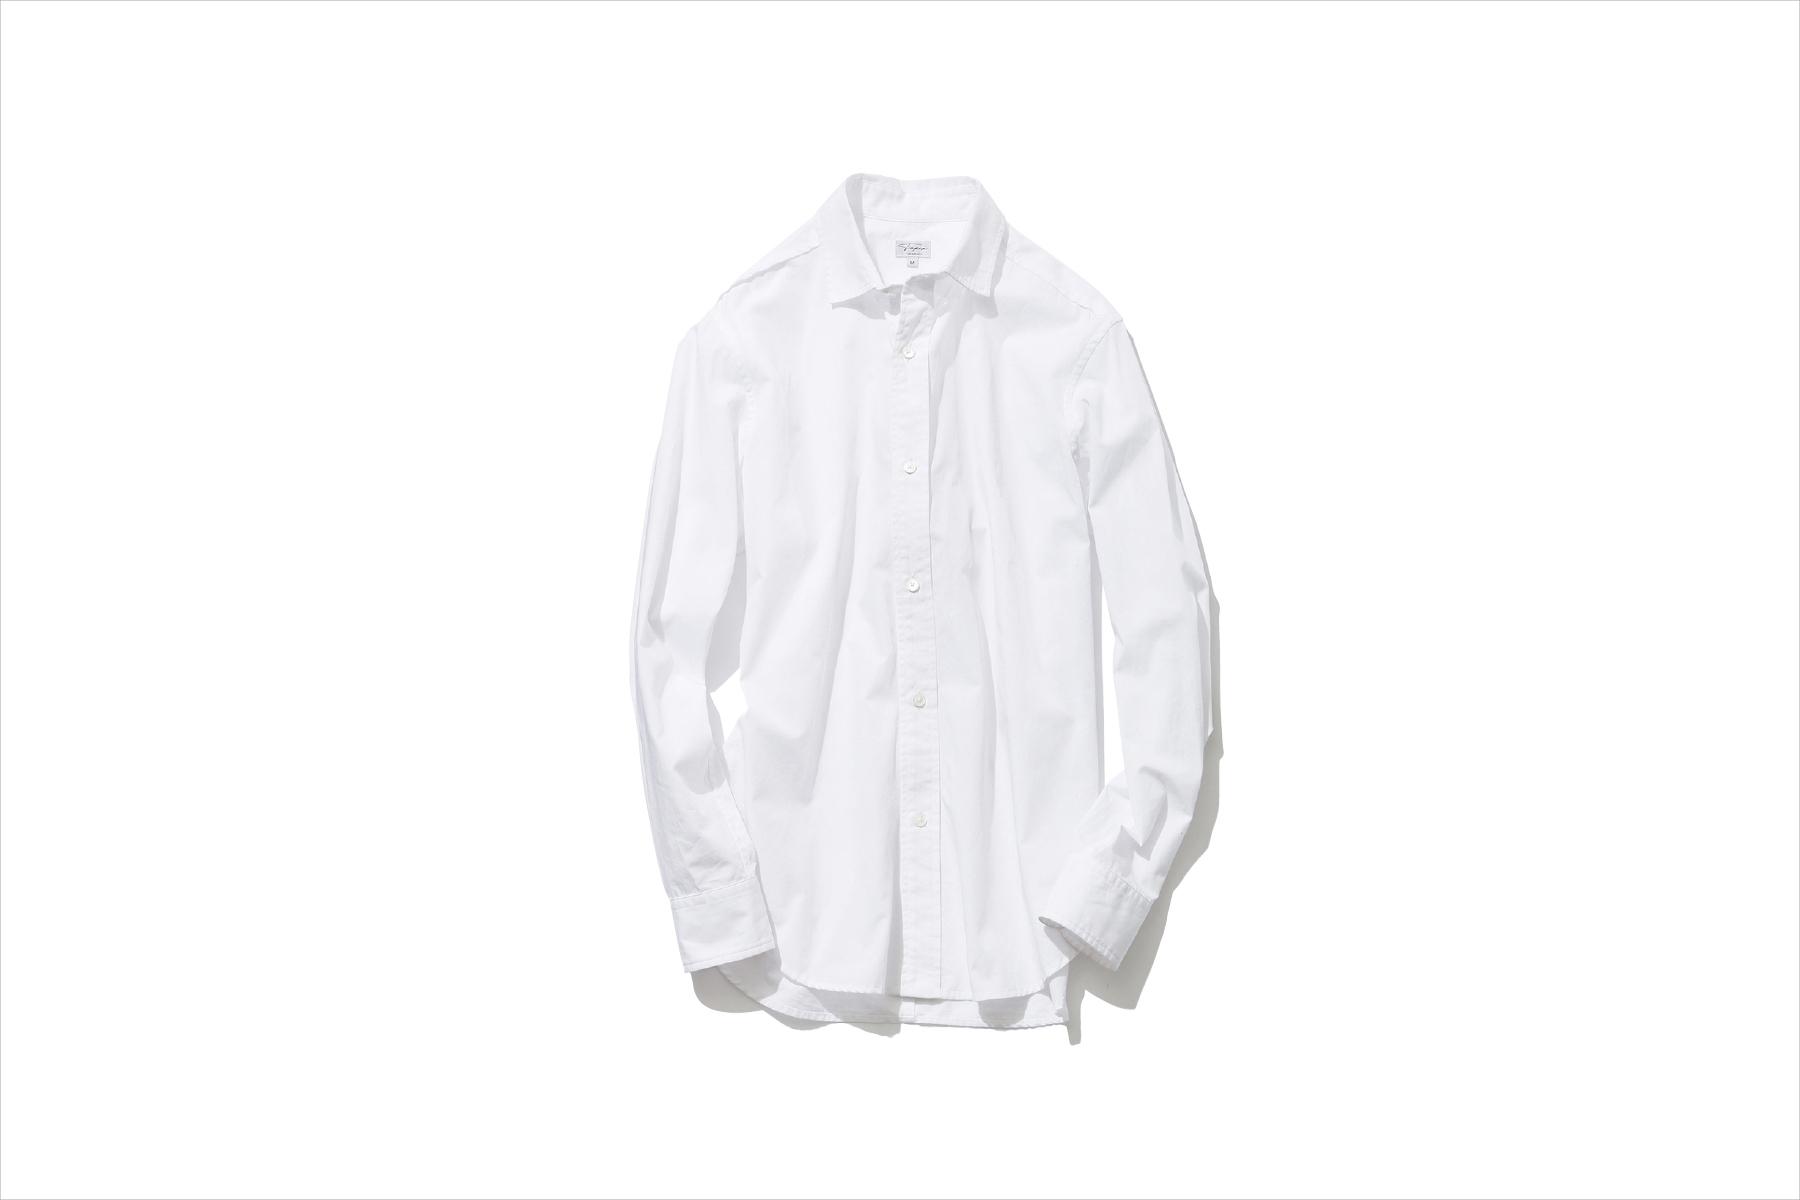 2016_whiteshirt-brand_000